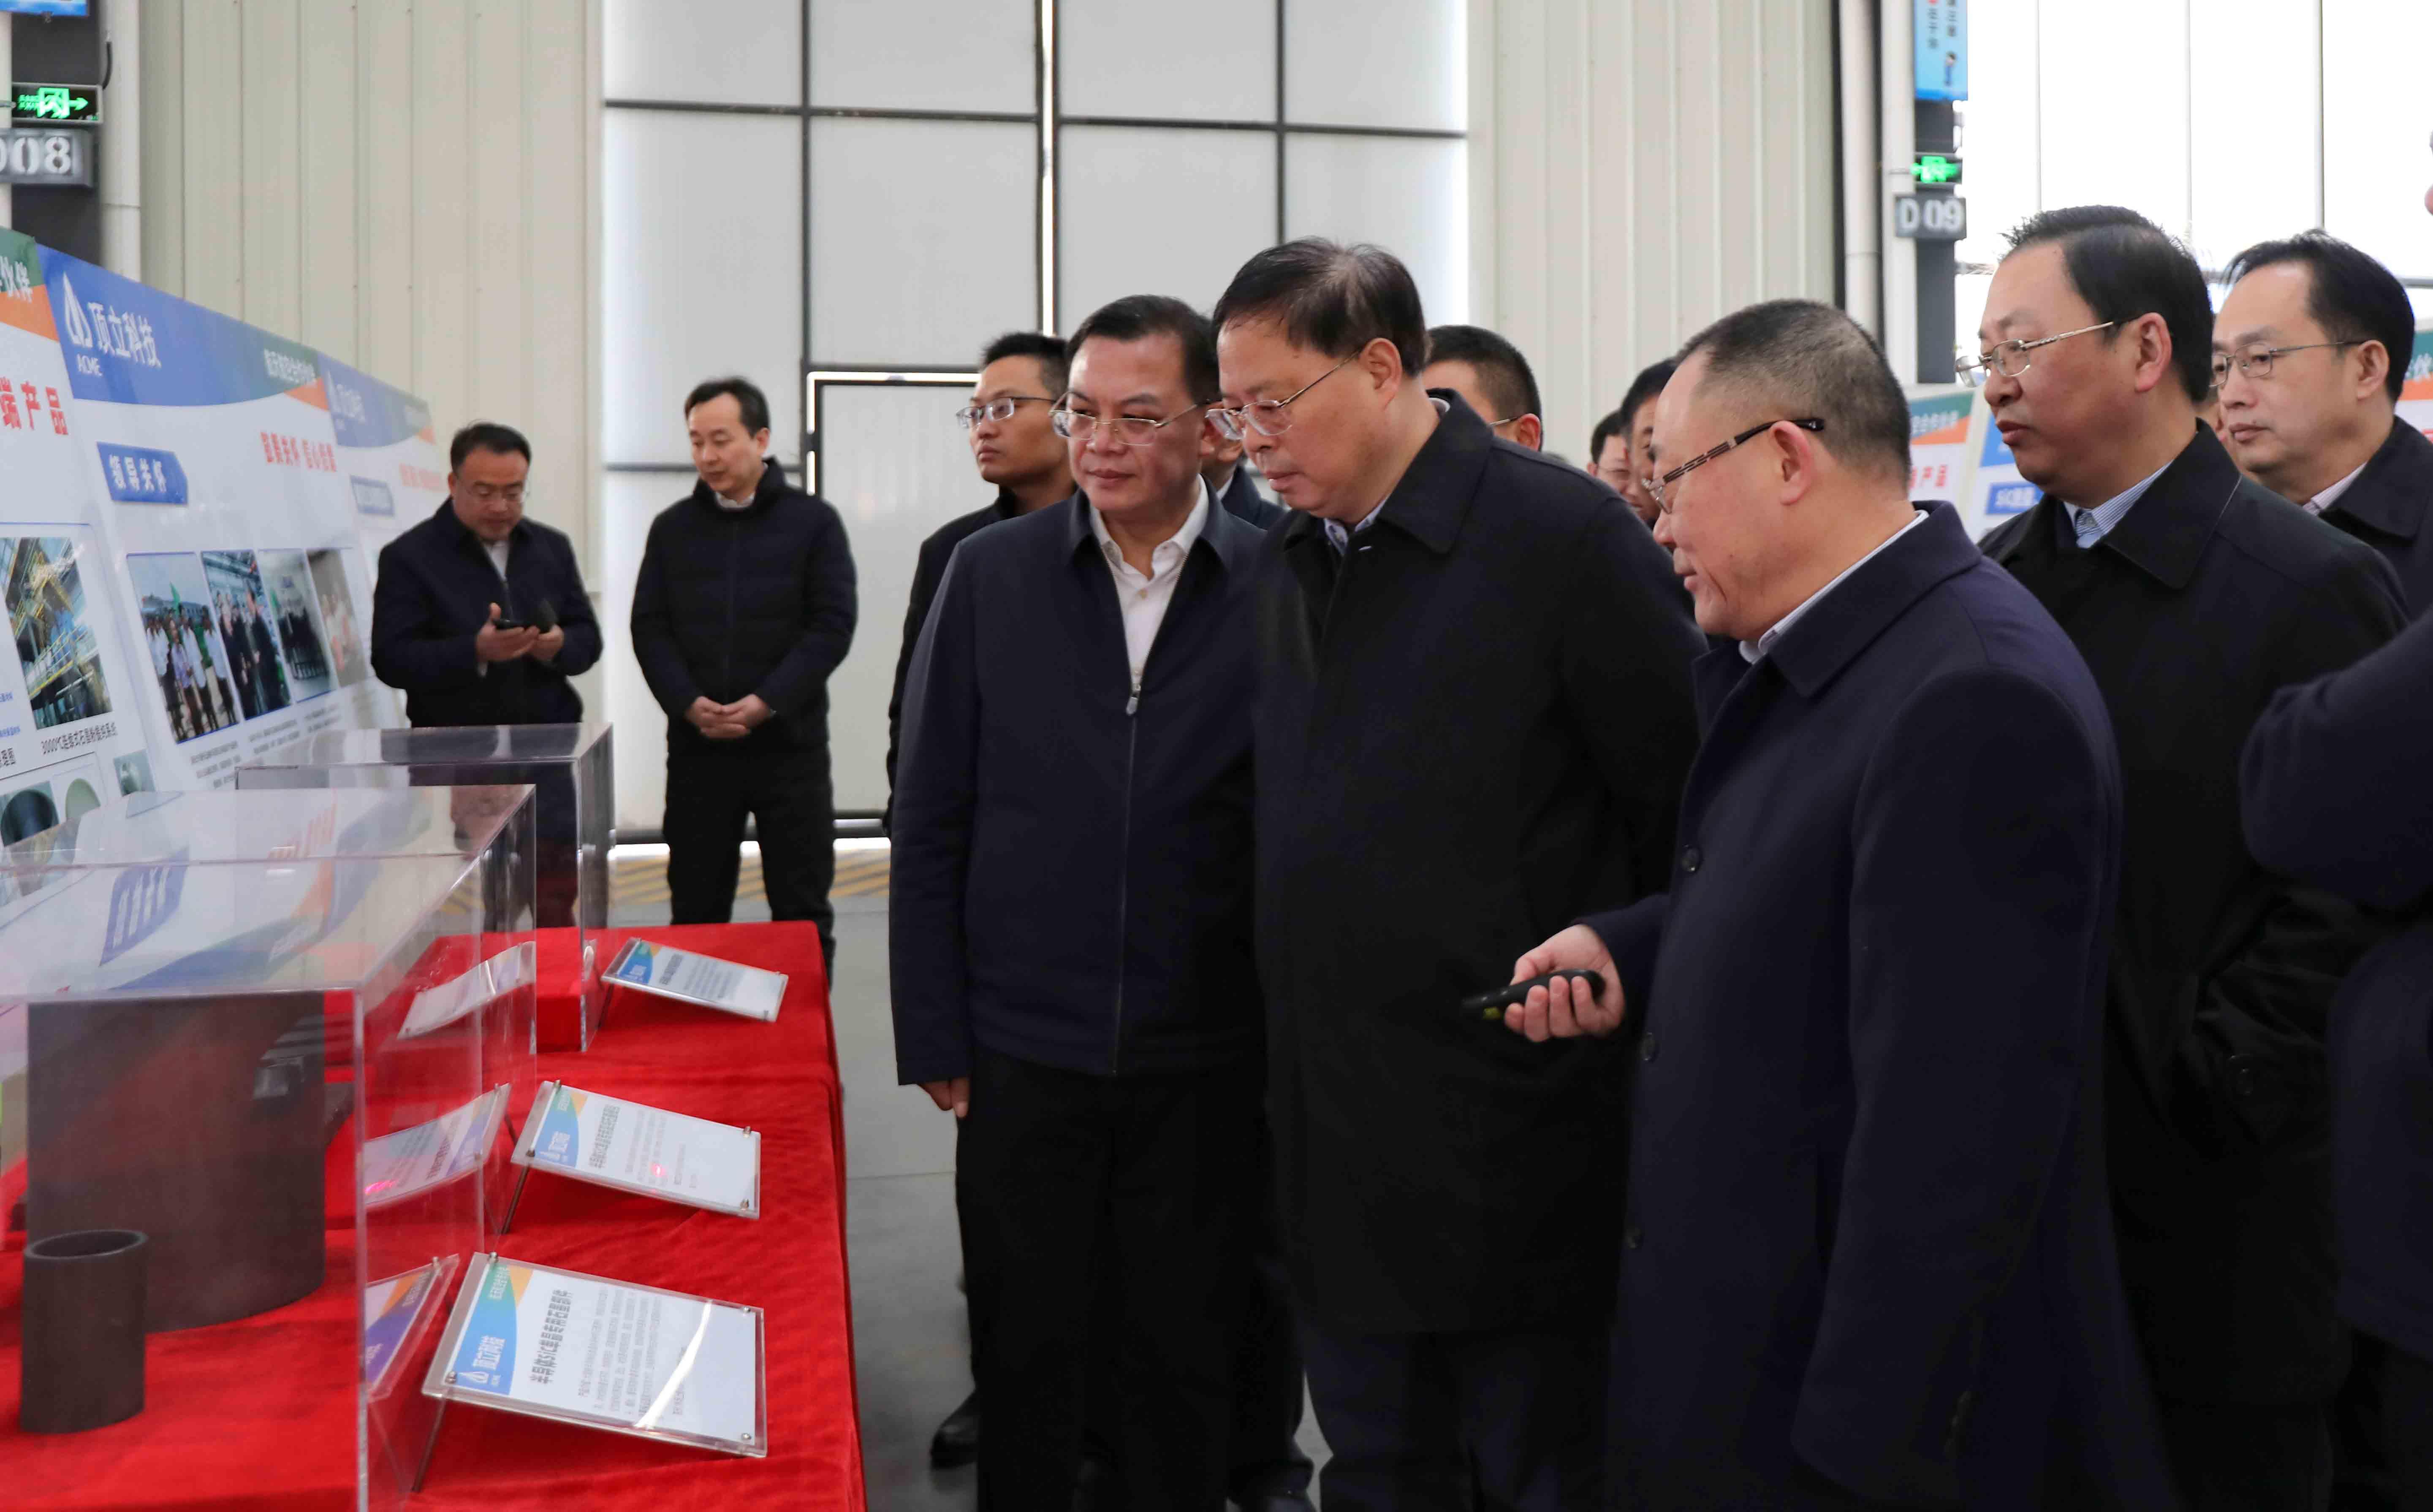 湖南省委常委、省委秘书长张剑飞一行莅临顶立科技调研